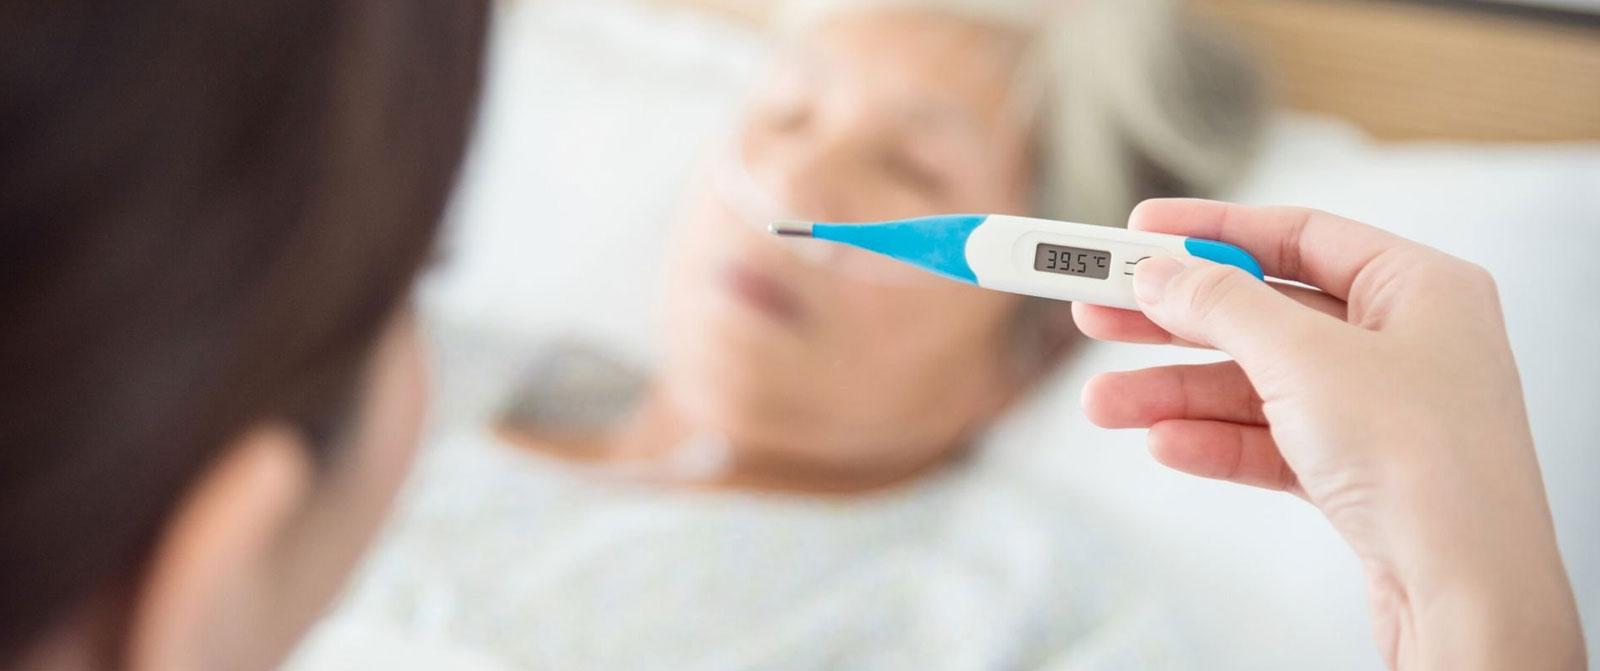 ¿Cómo cuidar en casa a una persona enferma de Covid-19?